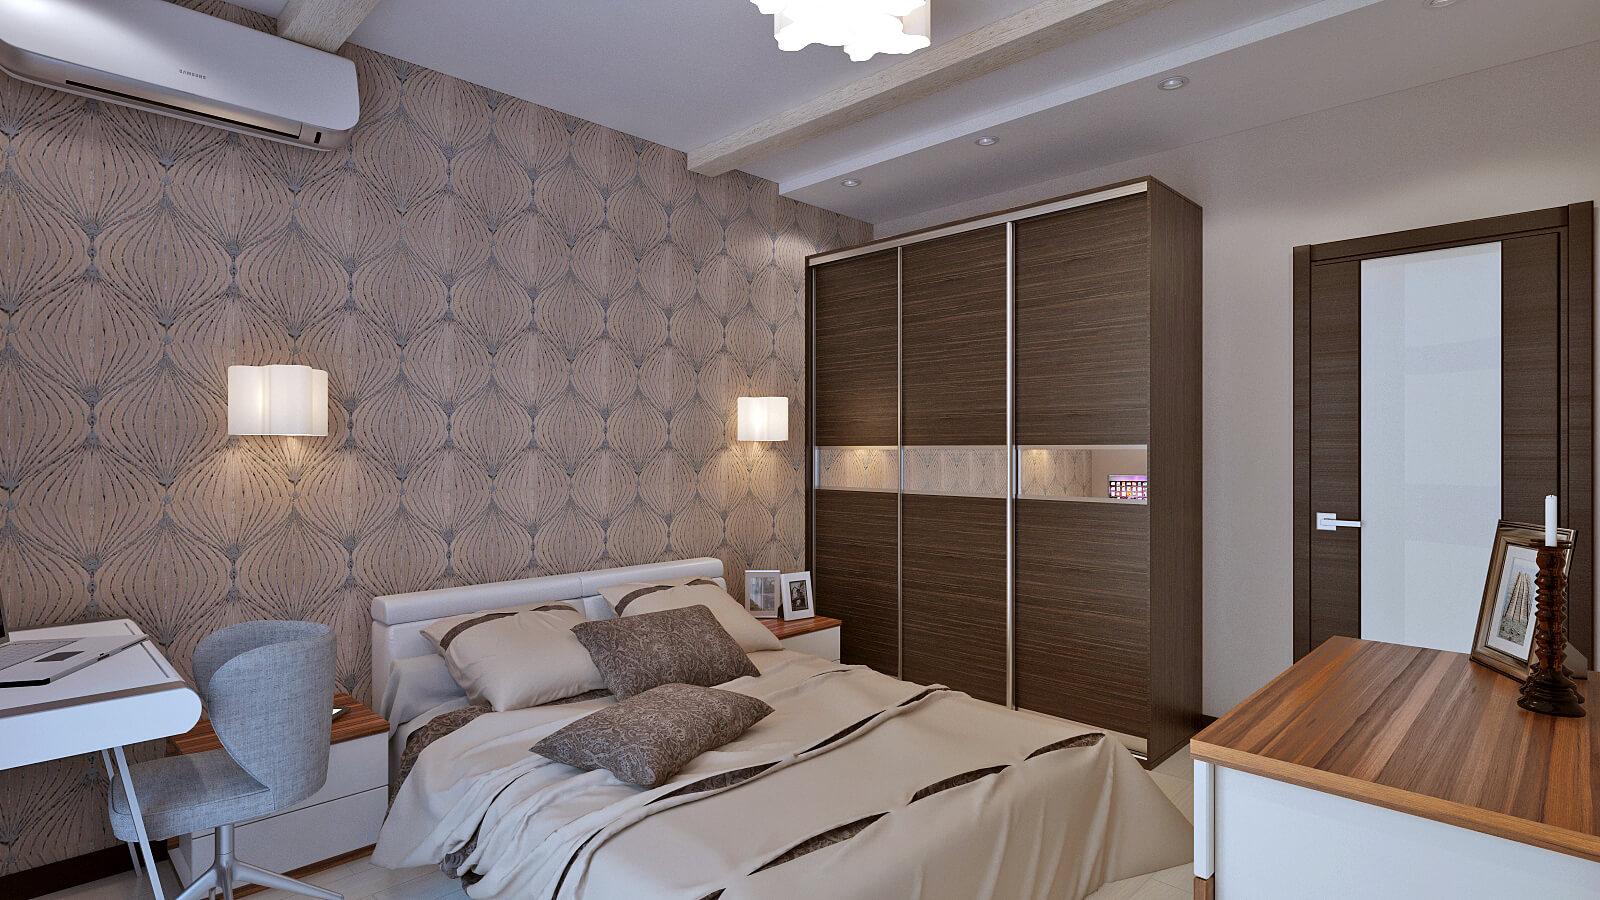 Симметричное расположение относительно кровати